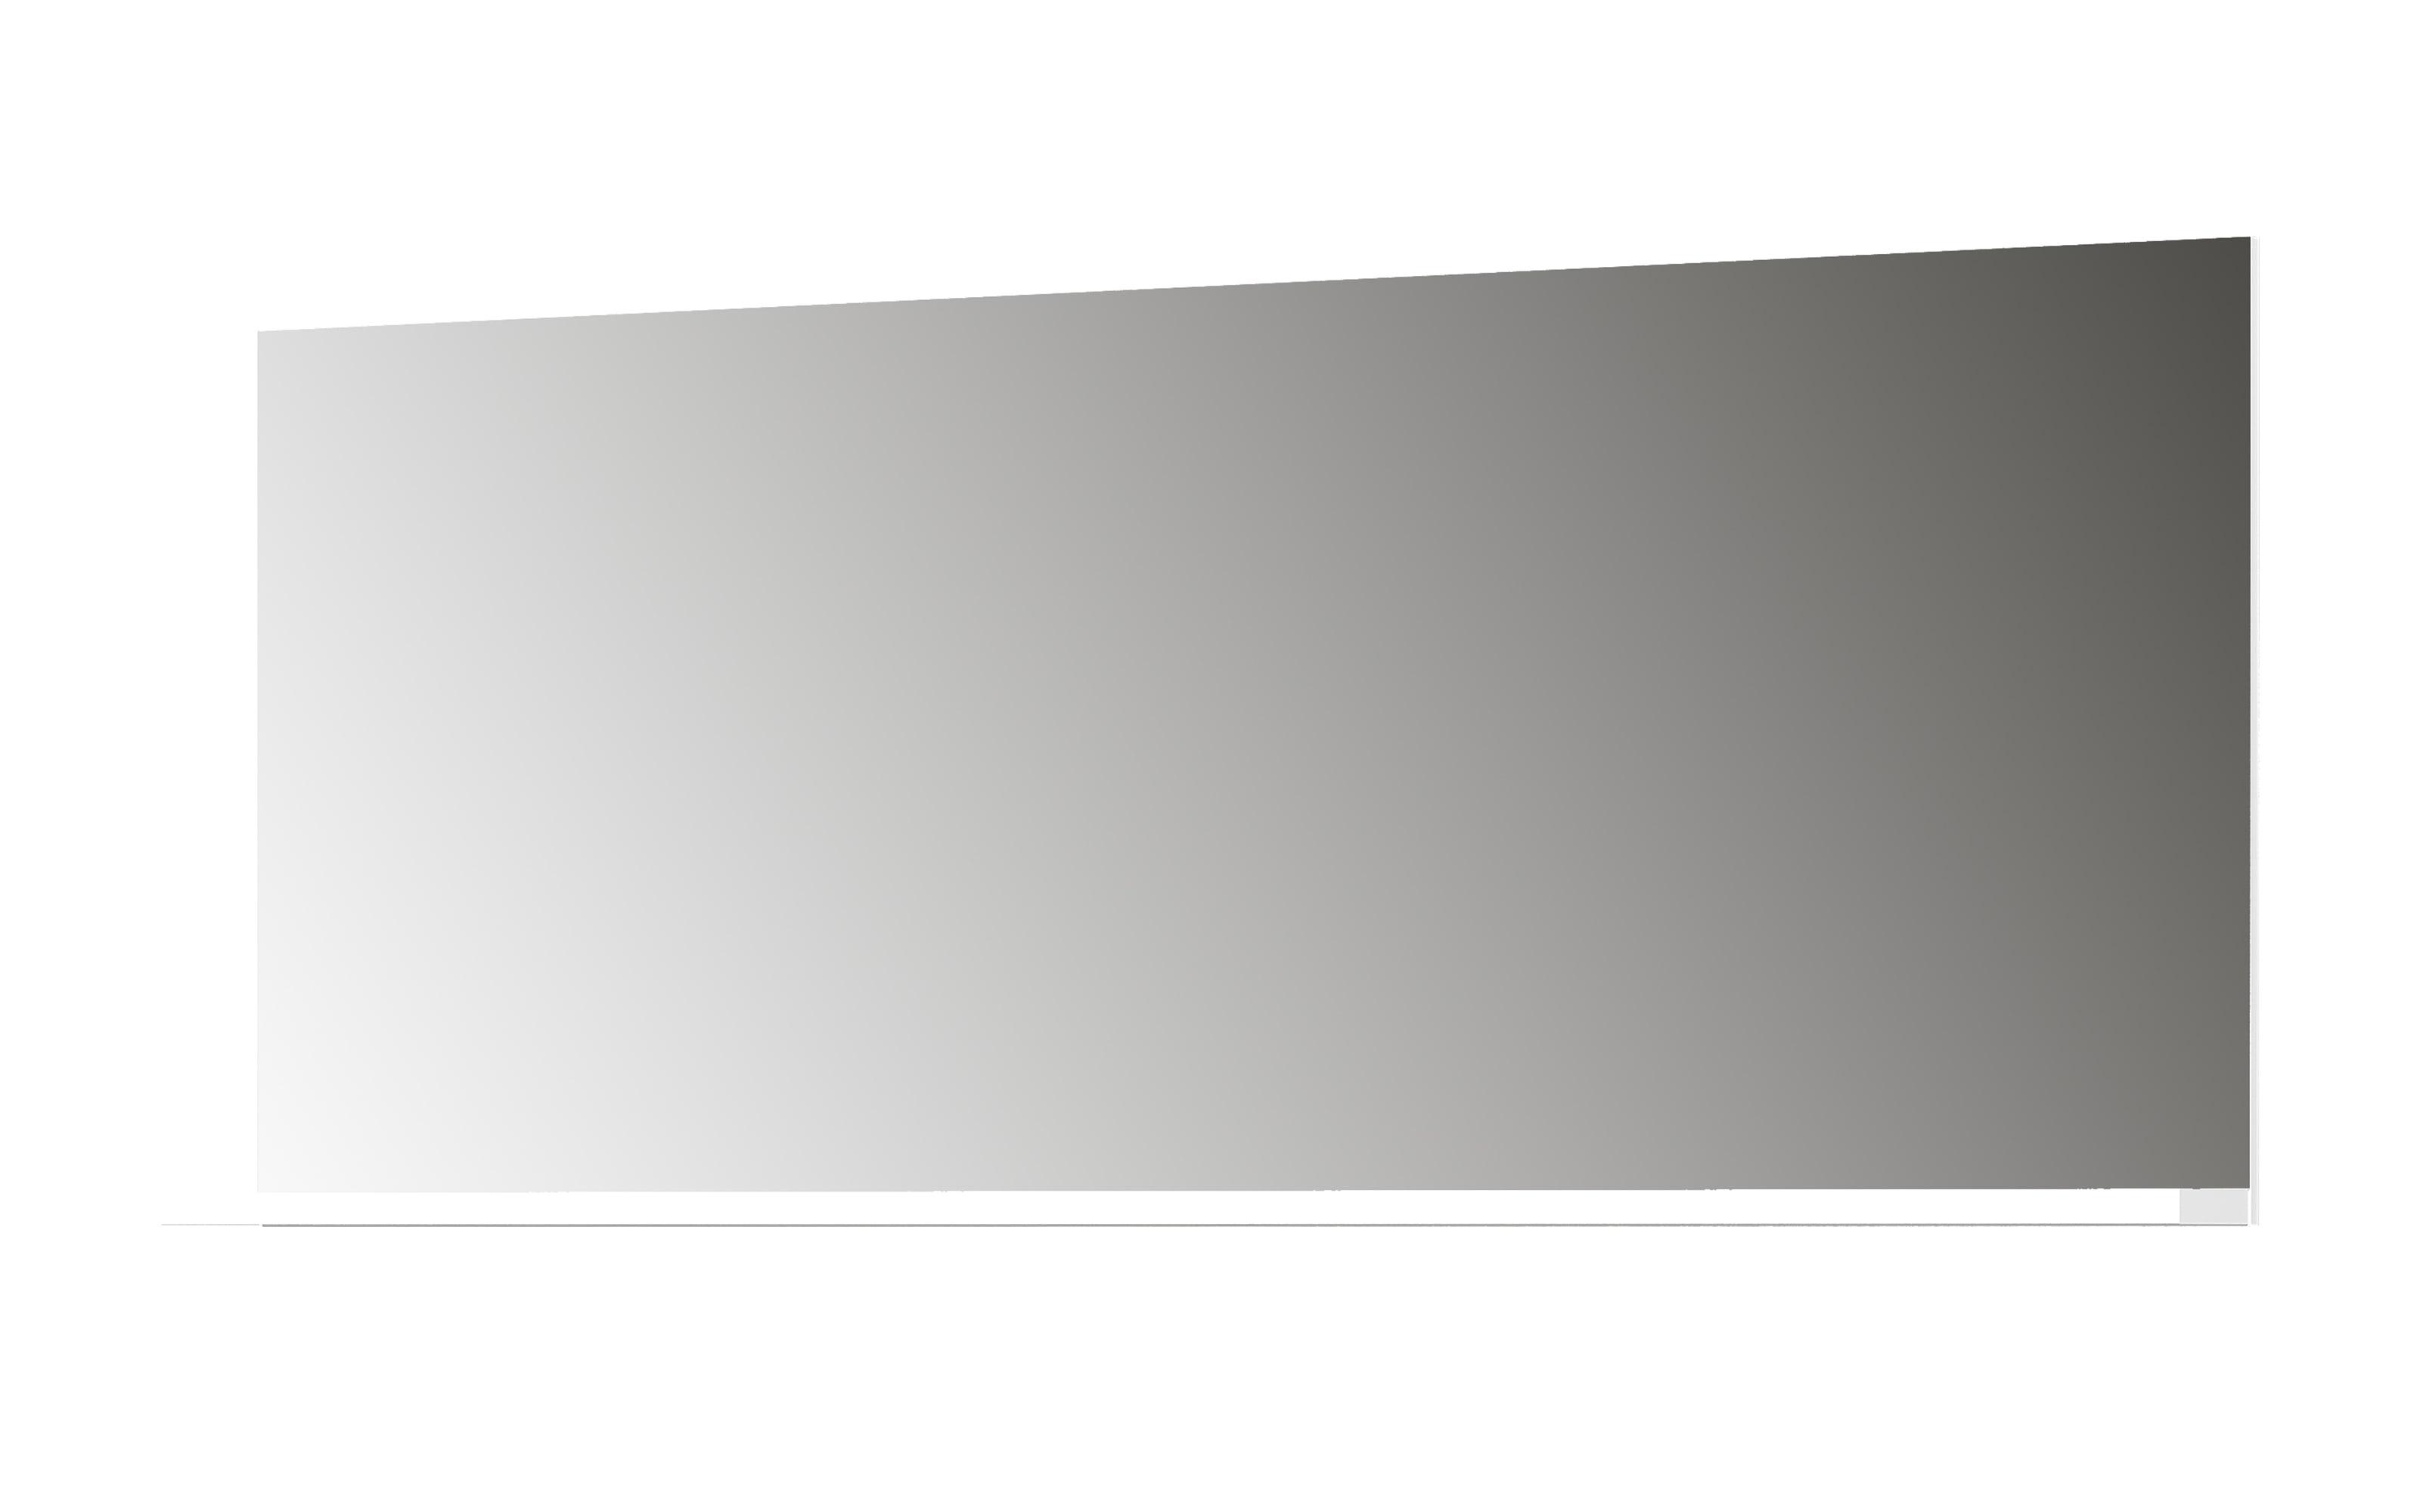 Spiegel 3897 in weiß, 144 x 63 cm